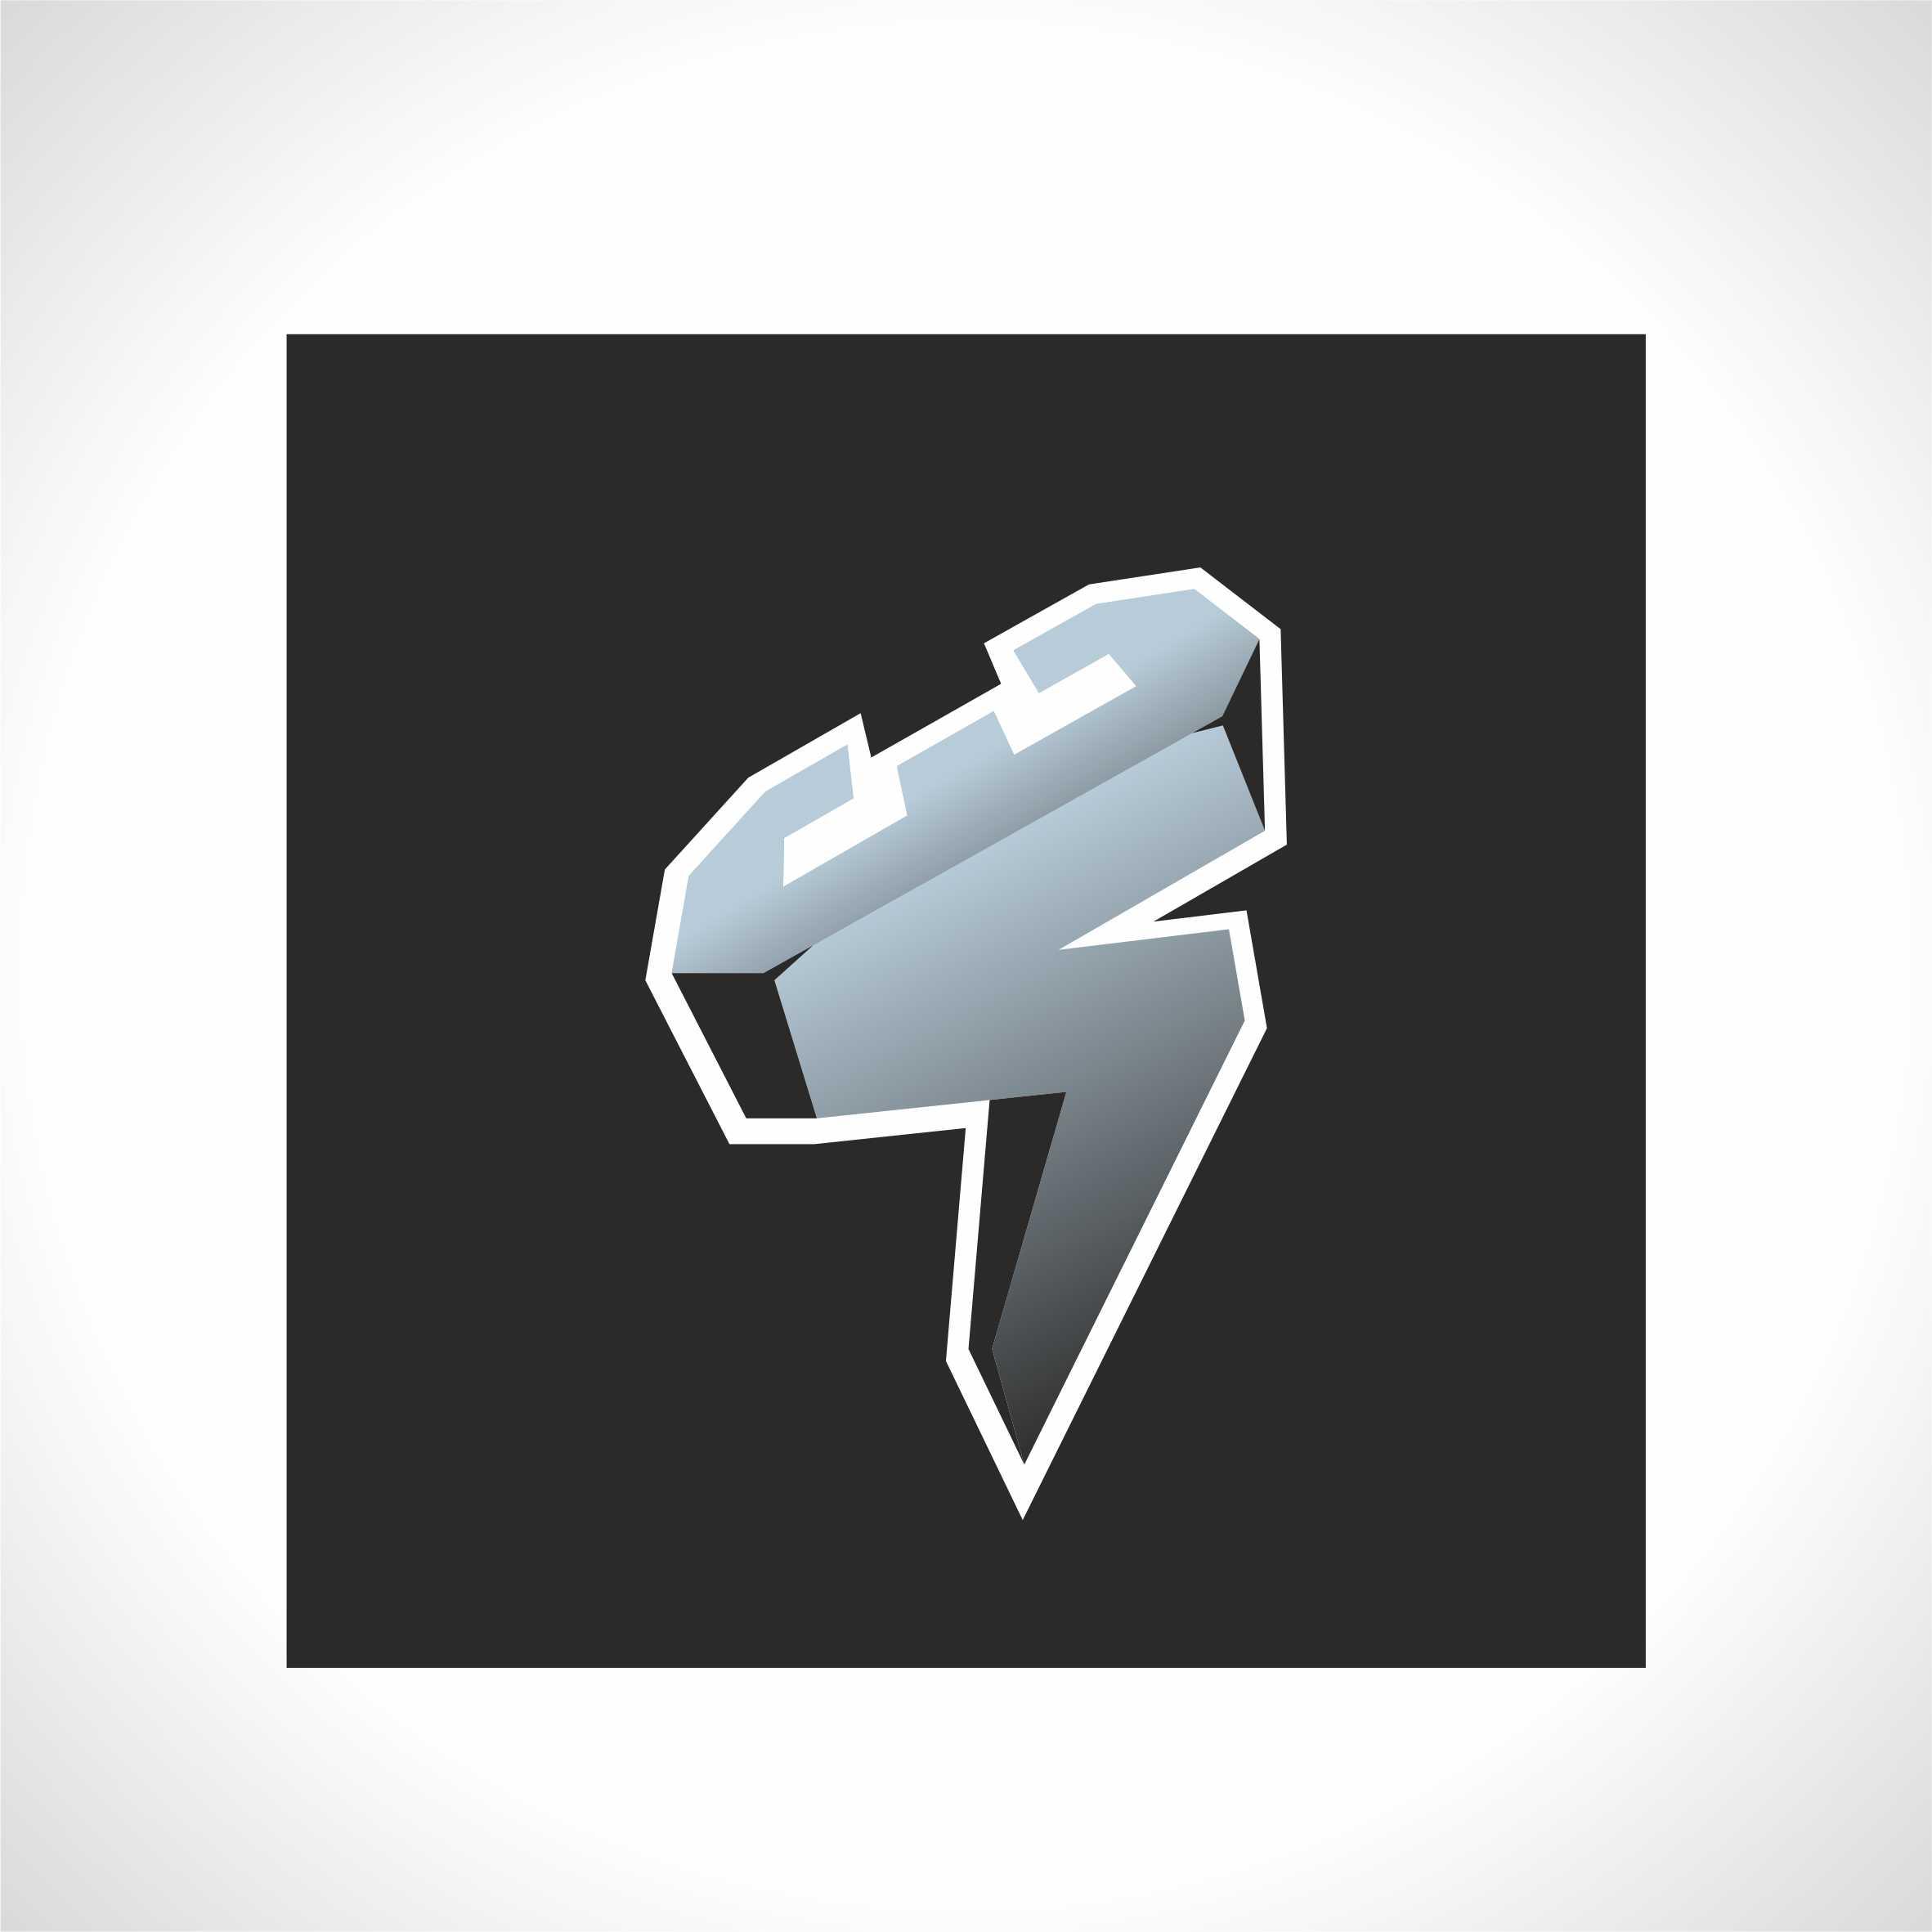 Логотип для инженерной компании фото f_86751c91f3369605.jpg